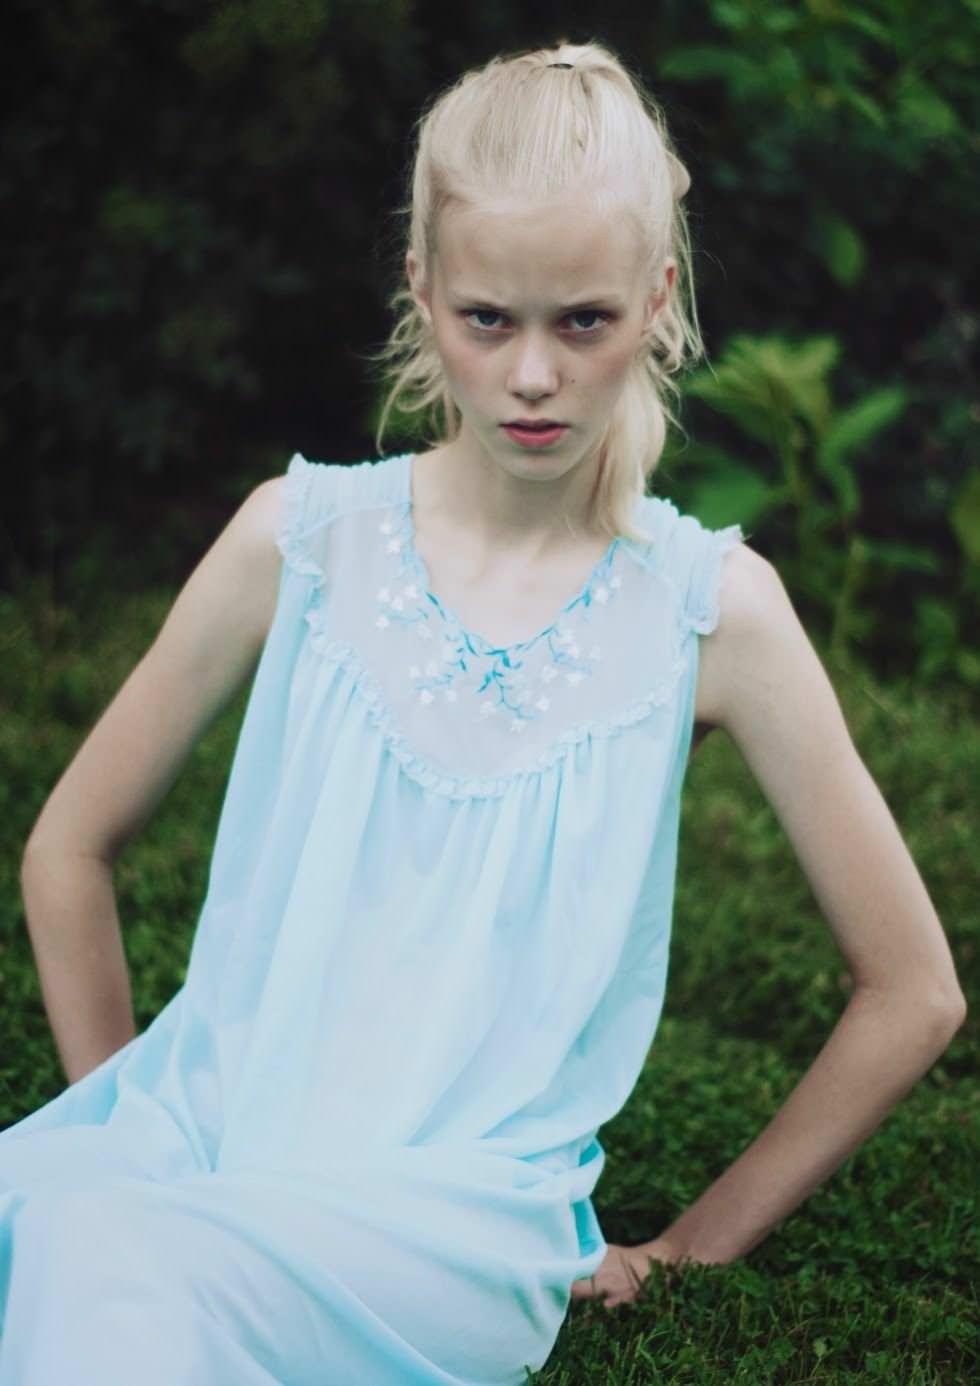 【外人】デンマークの妖精アメリー·シュミット(Amalie Schmidt)が異常な程可愛いポルノ画像 12129